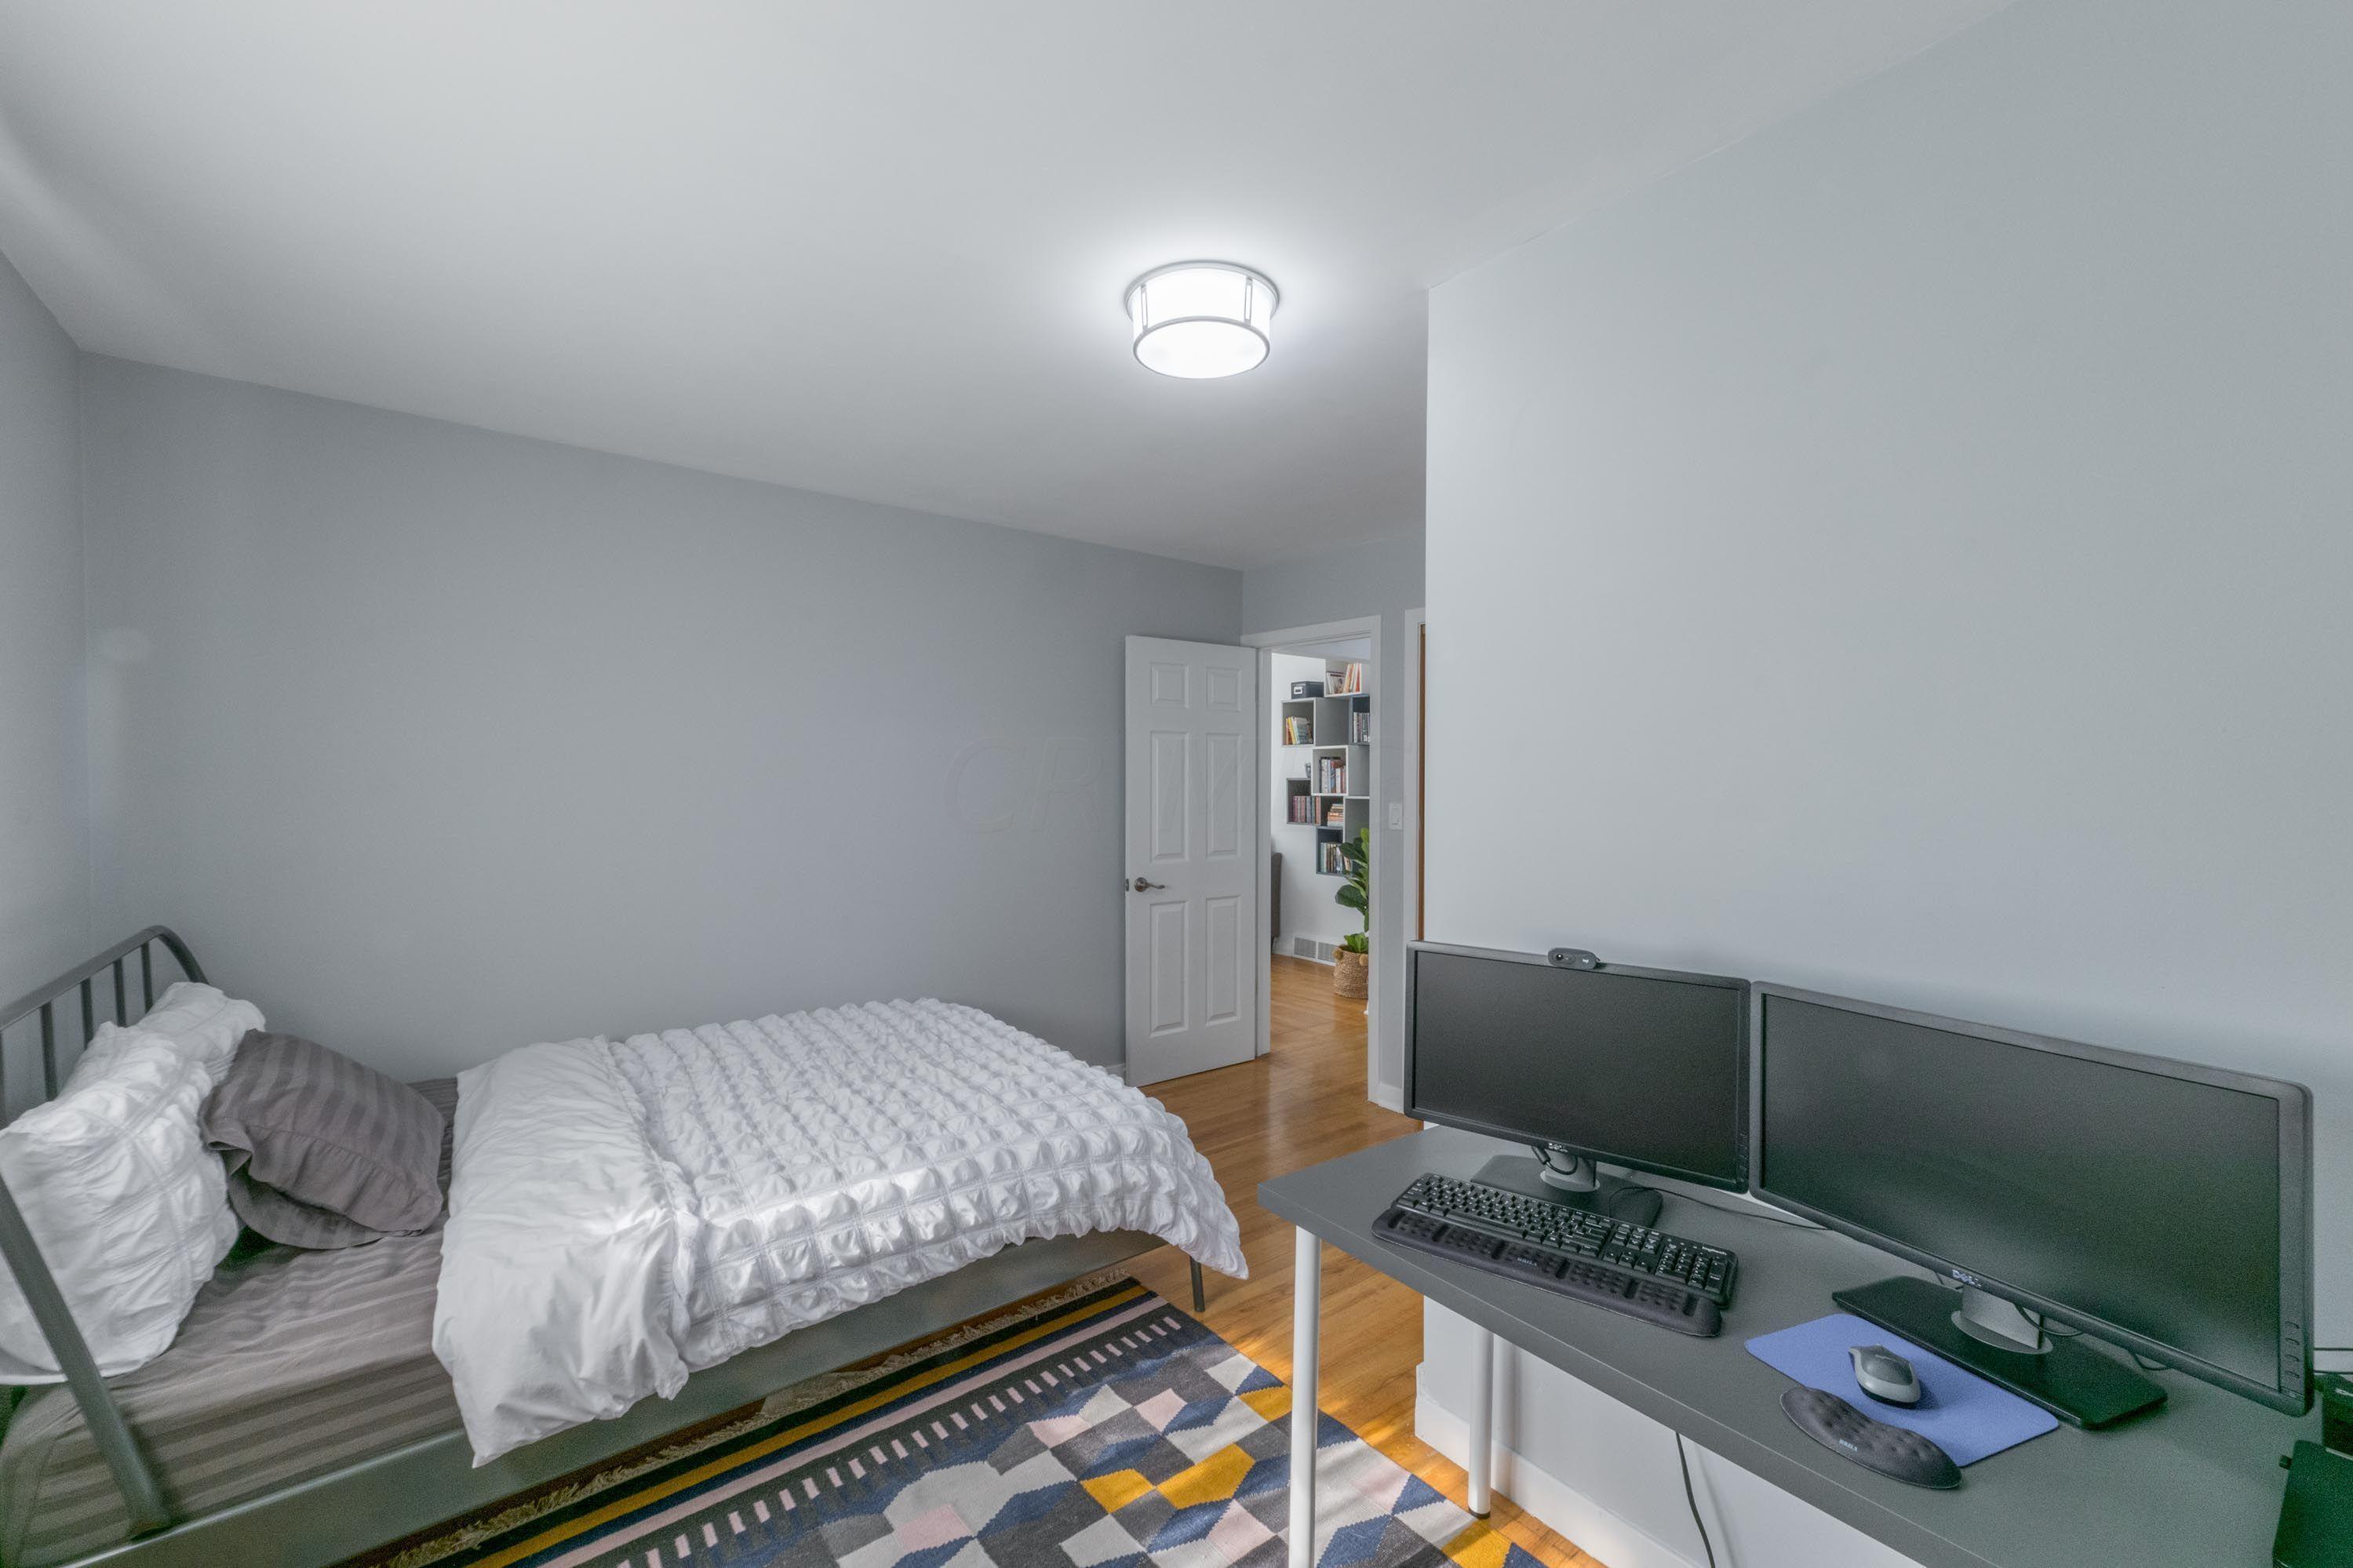 Bedroom - 2 desk area